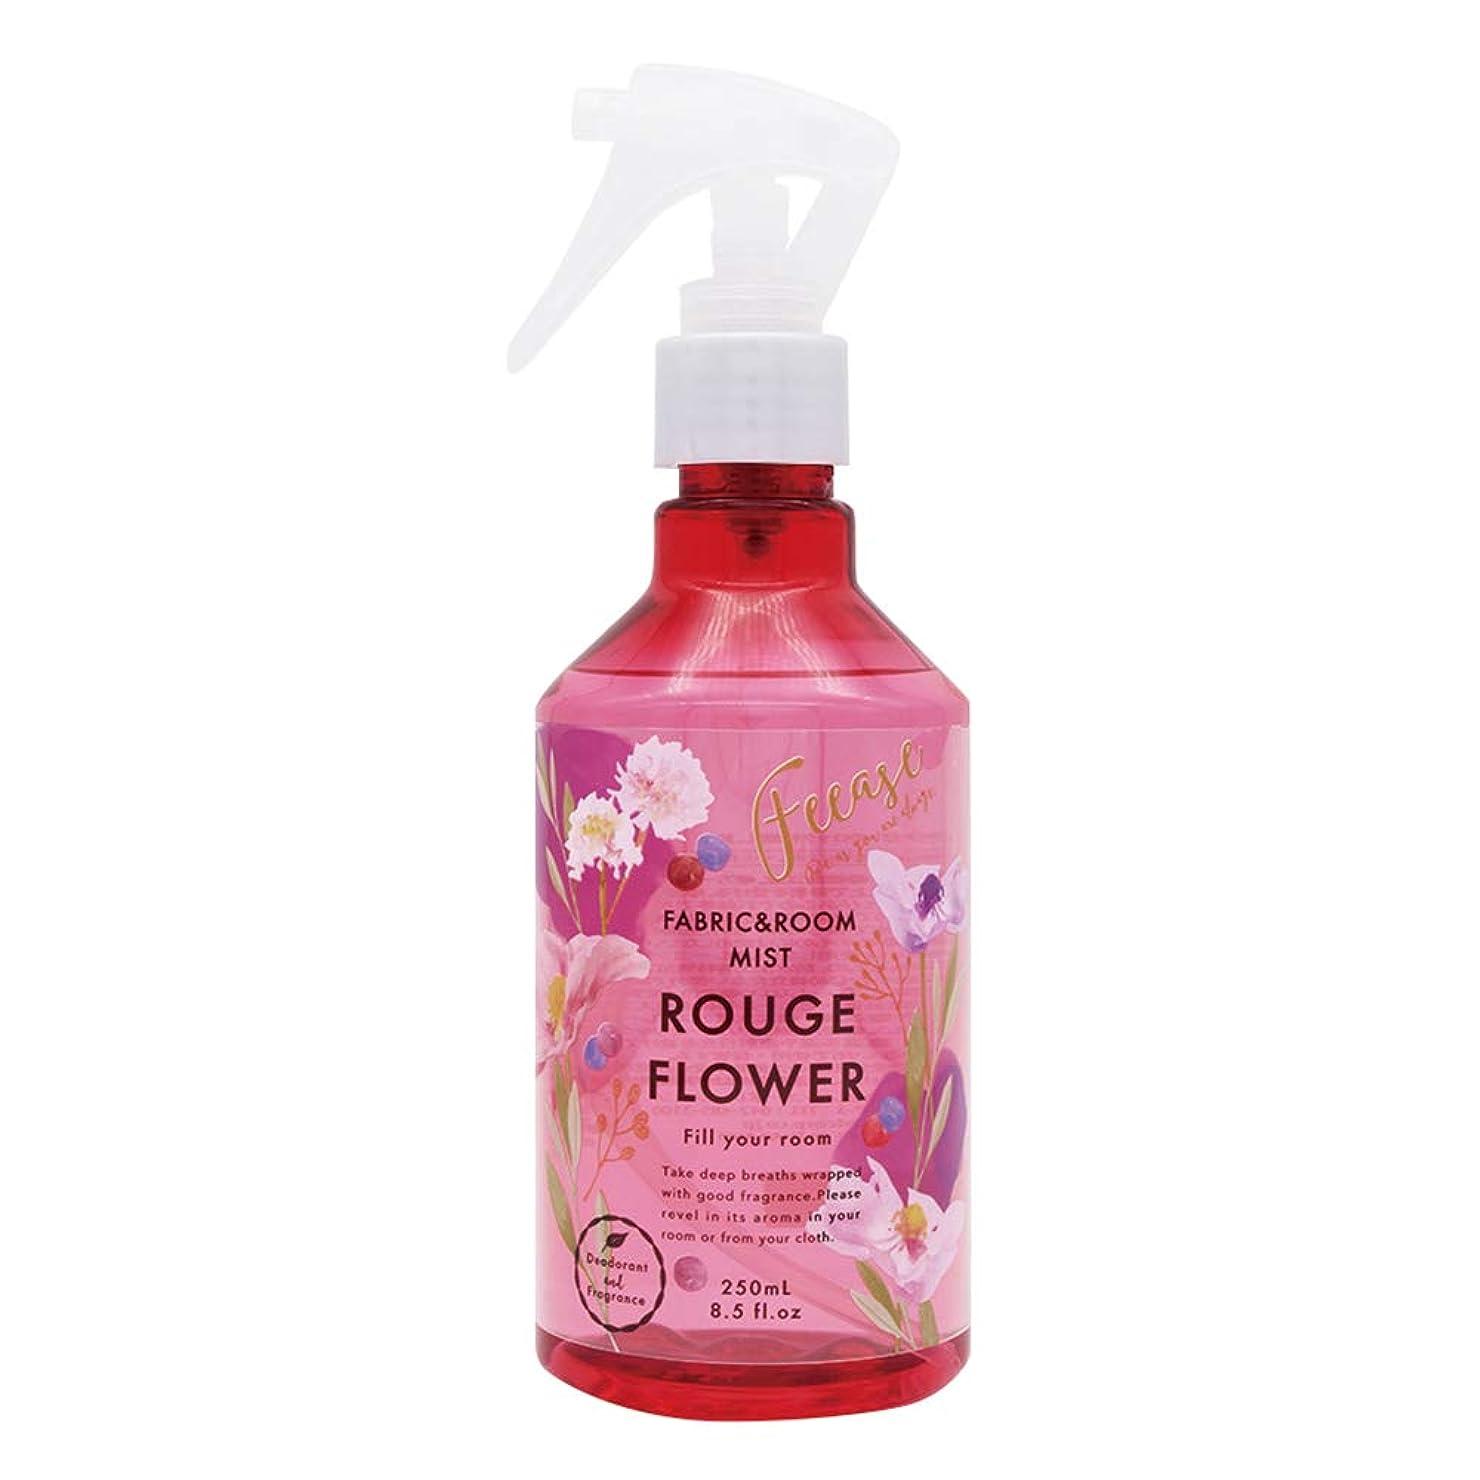 近似むしゃむしゃうめき声ノルコーポレーション ルーム&ファブリックミスト フィース 消臭成分配合 OA-FEE-1-1 ルージュフラワーの香り 250ml